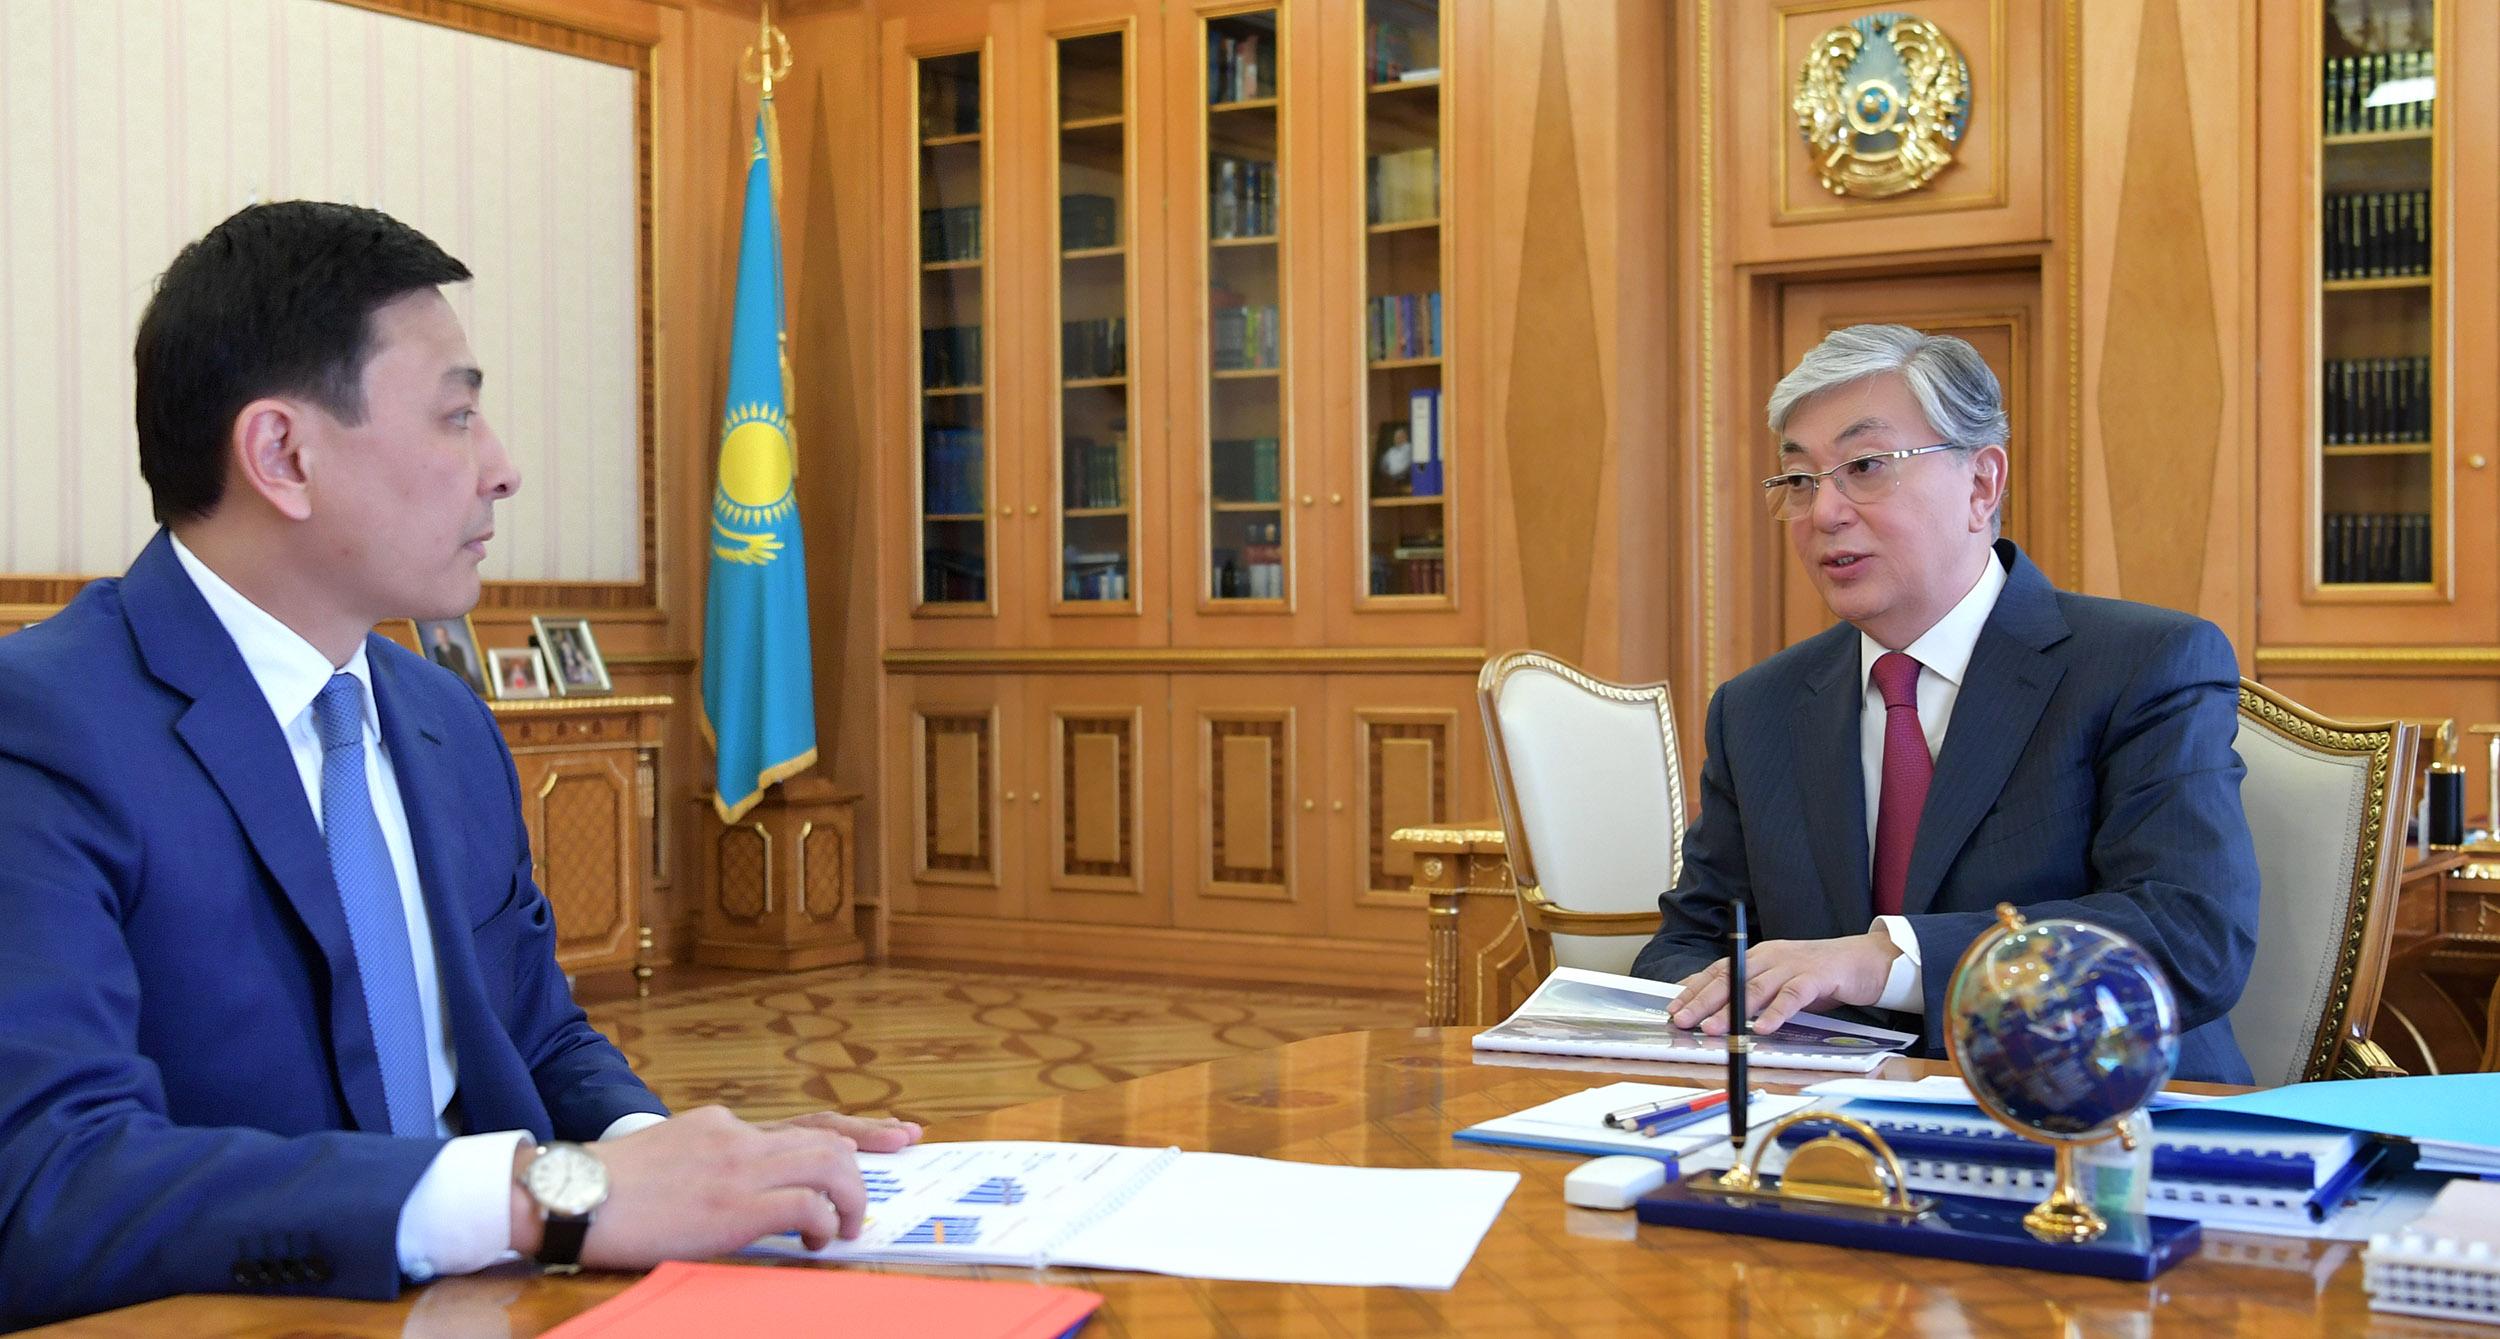 Касым-Жомарт Токаев принял акима Западно-Казахстанской области Алтая Кульгинова